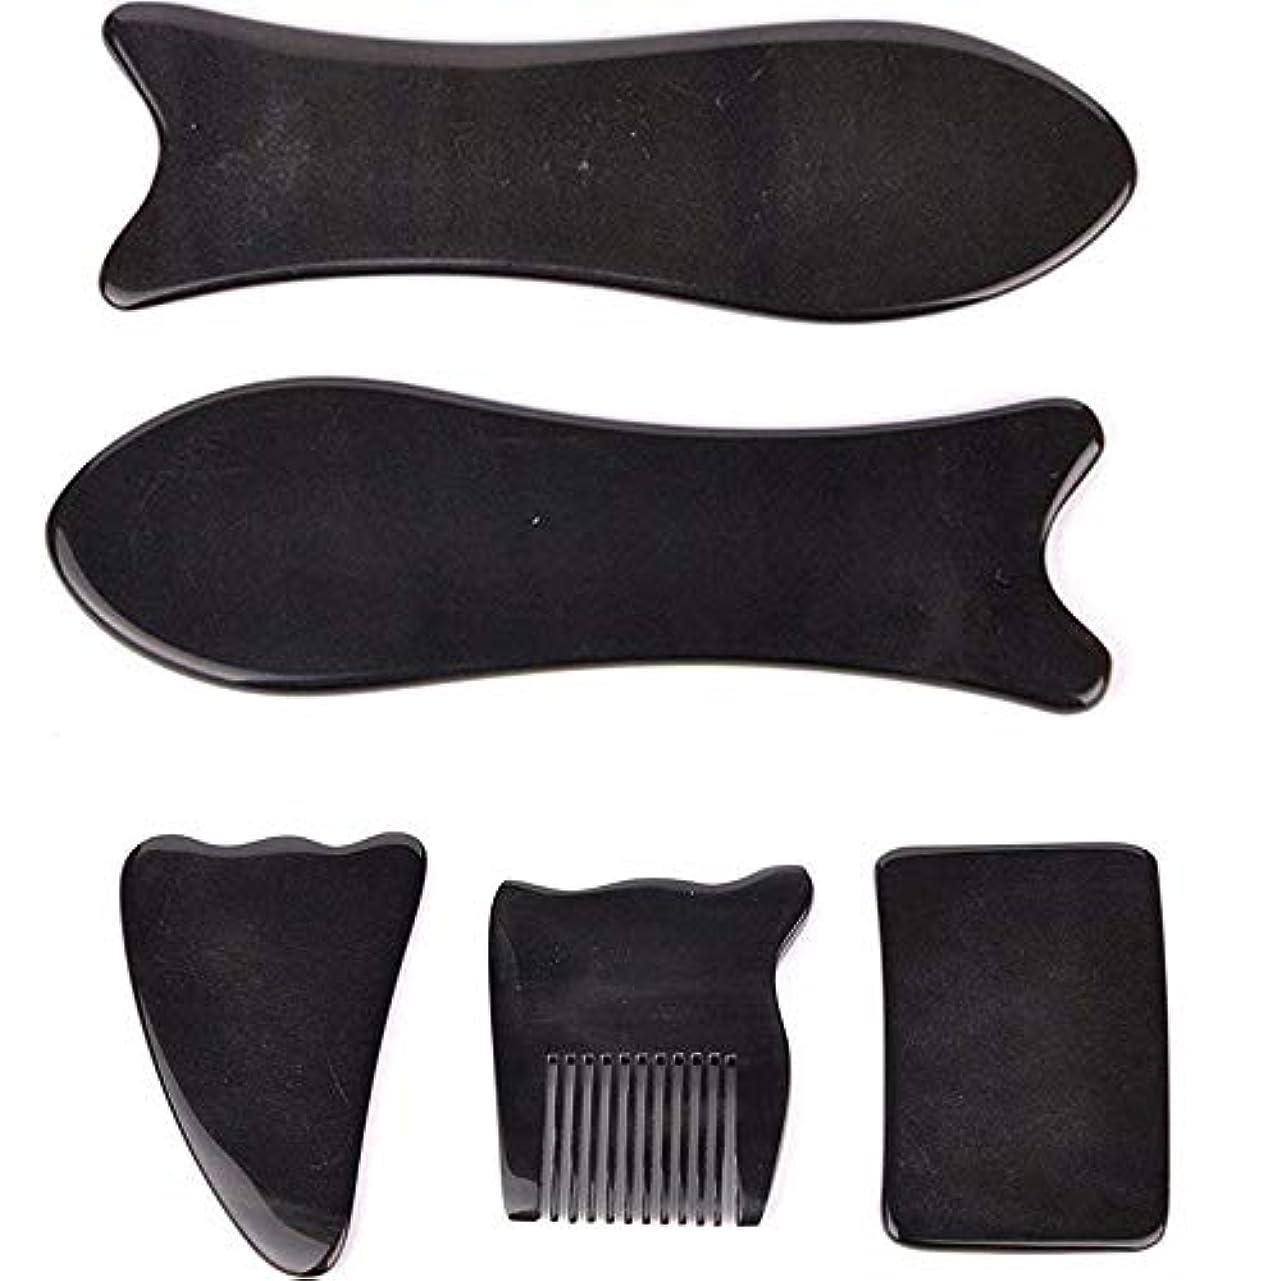 腹おいしい後ろにEcho & Kern 5点セット中国伝統かっさ美容マッサージ板 水牛角かっさプレートBLACK OX HORN 5 PCS optik Natural Water Buffalo Horn Gua Sha Board-Reduce Neck and Muscle Pain and Improve Mobility